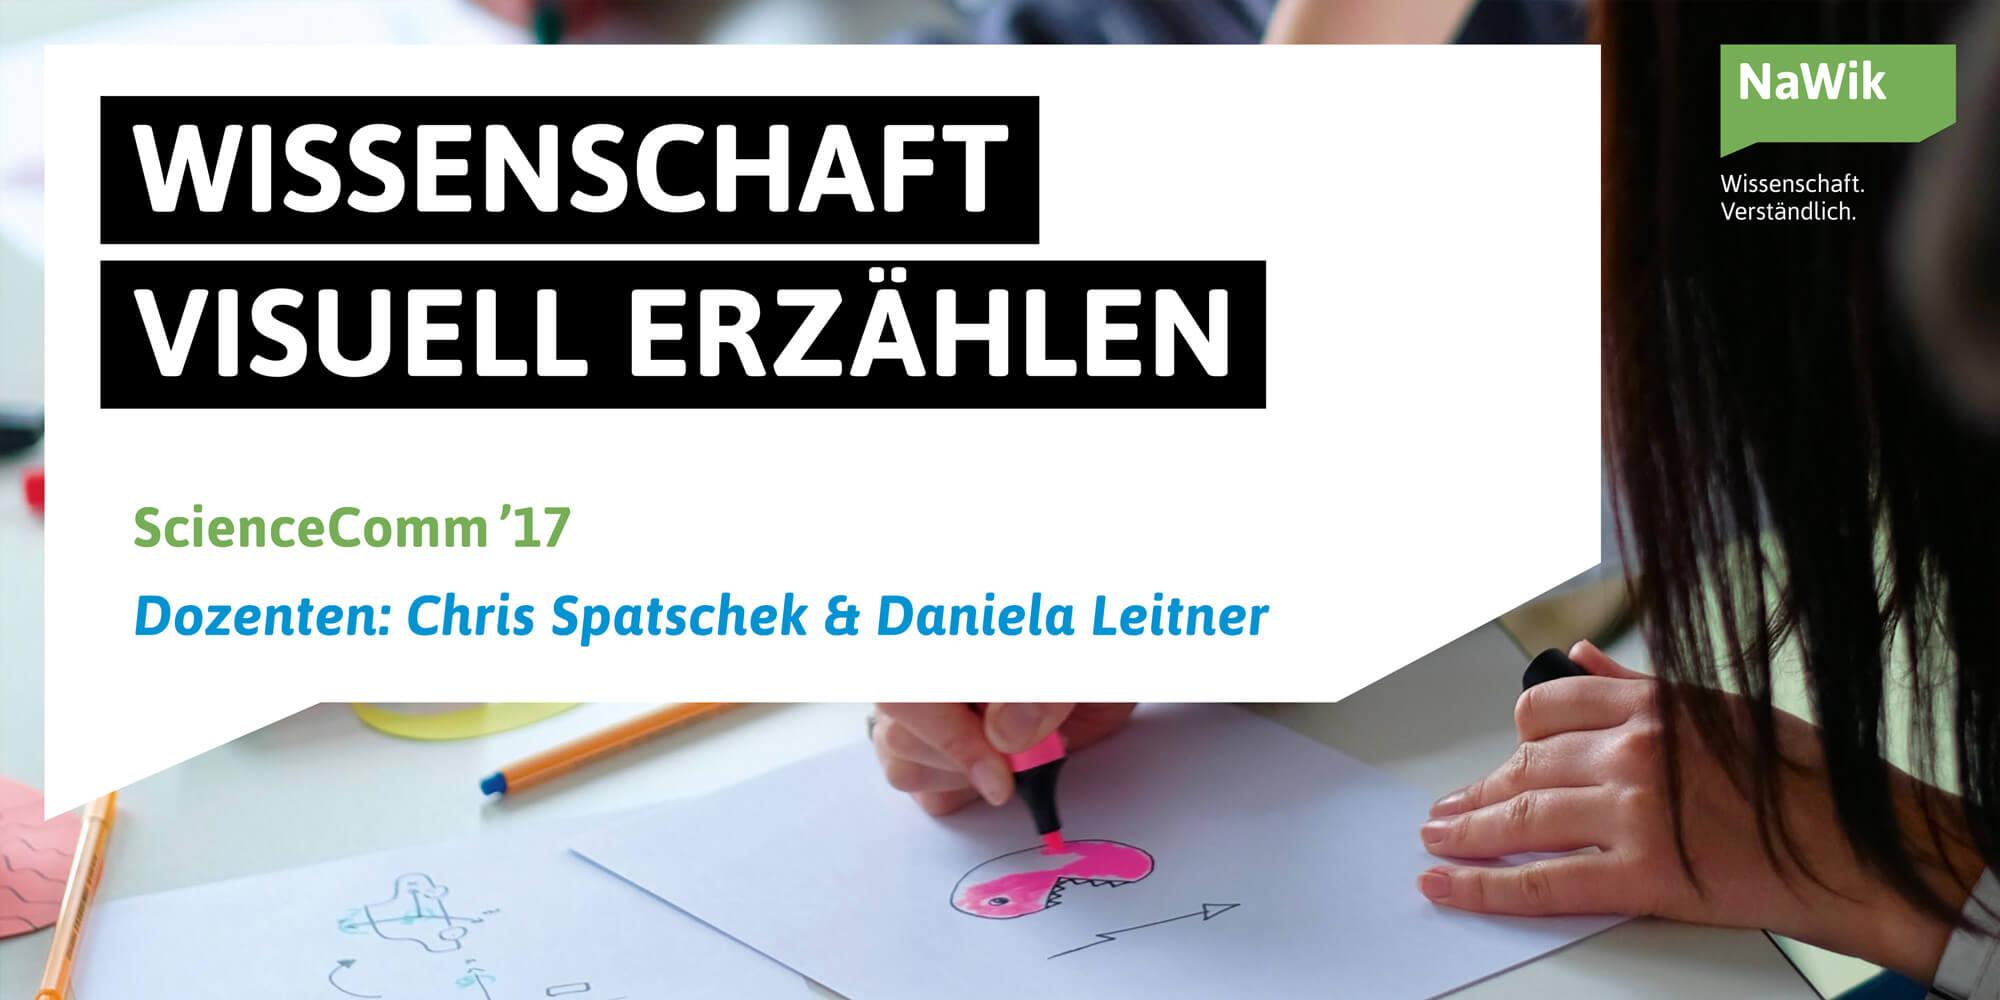 Workshop »Wissenschaft visuell erzählen« / ScienceComm'17 / Dozenten Chris Spatschek & Daniela Leitner für das NaWik